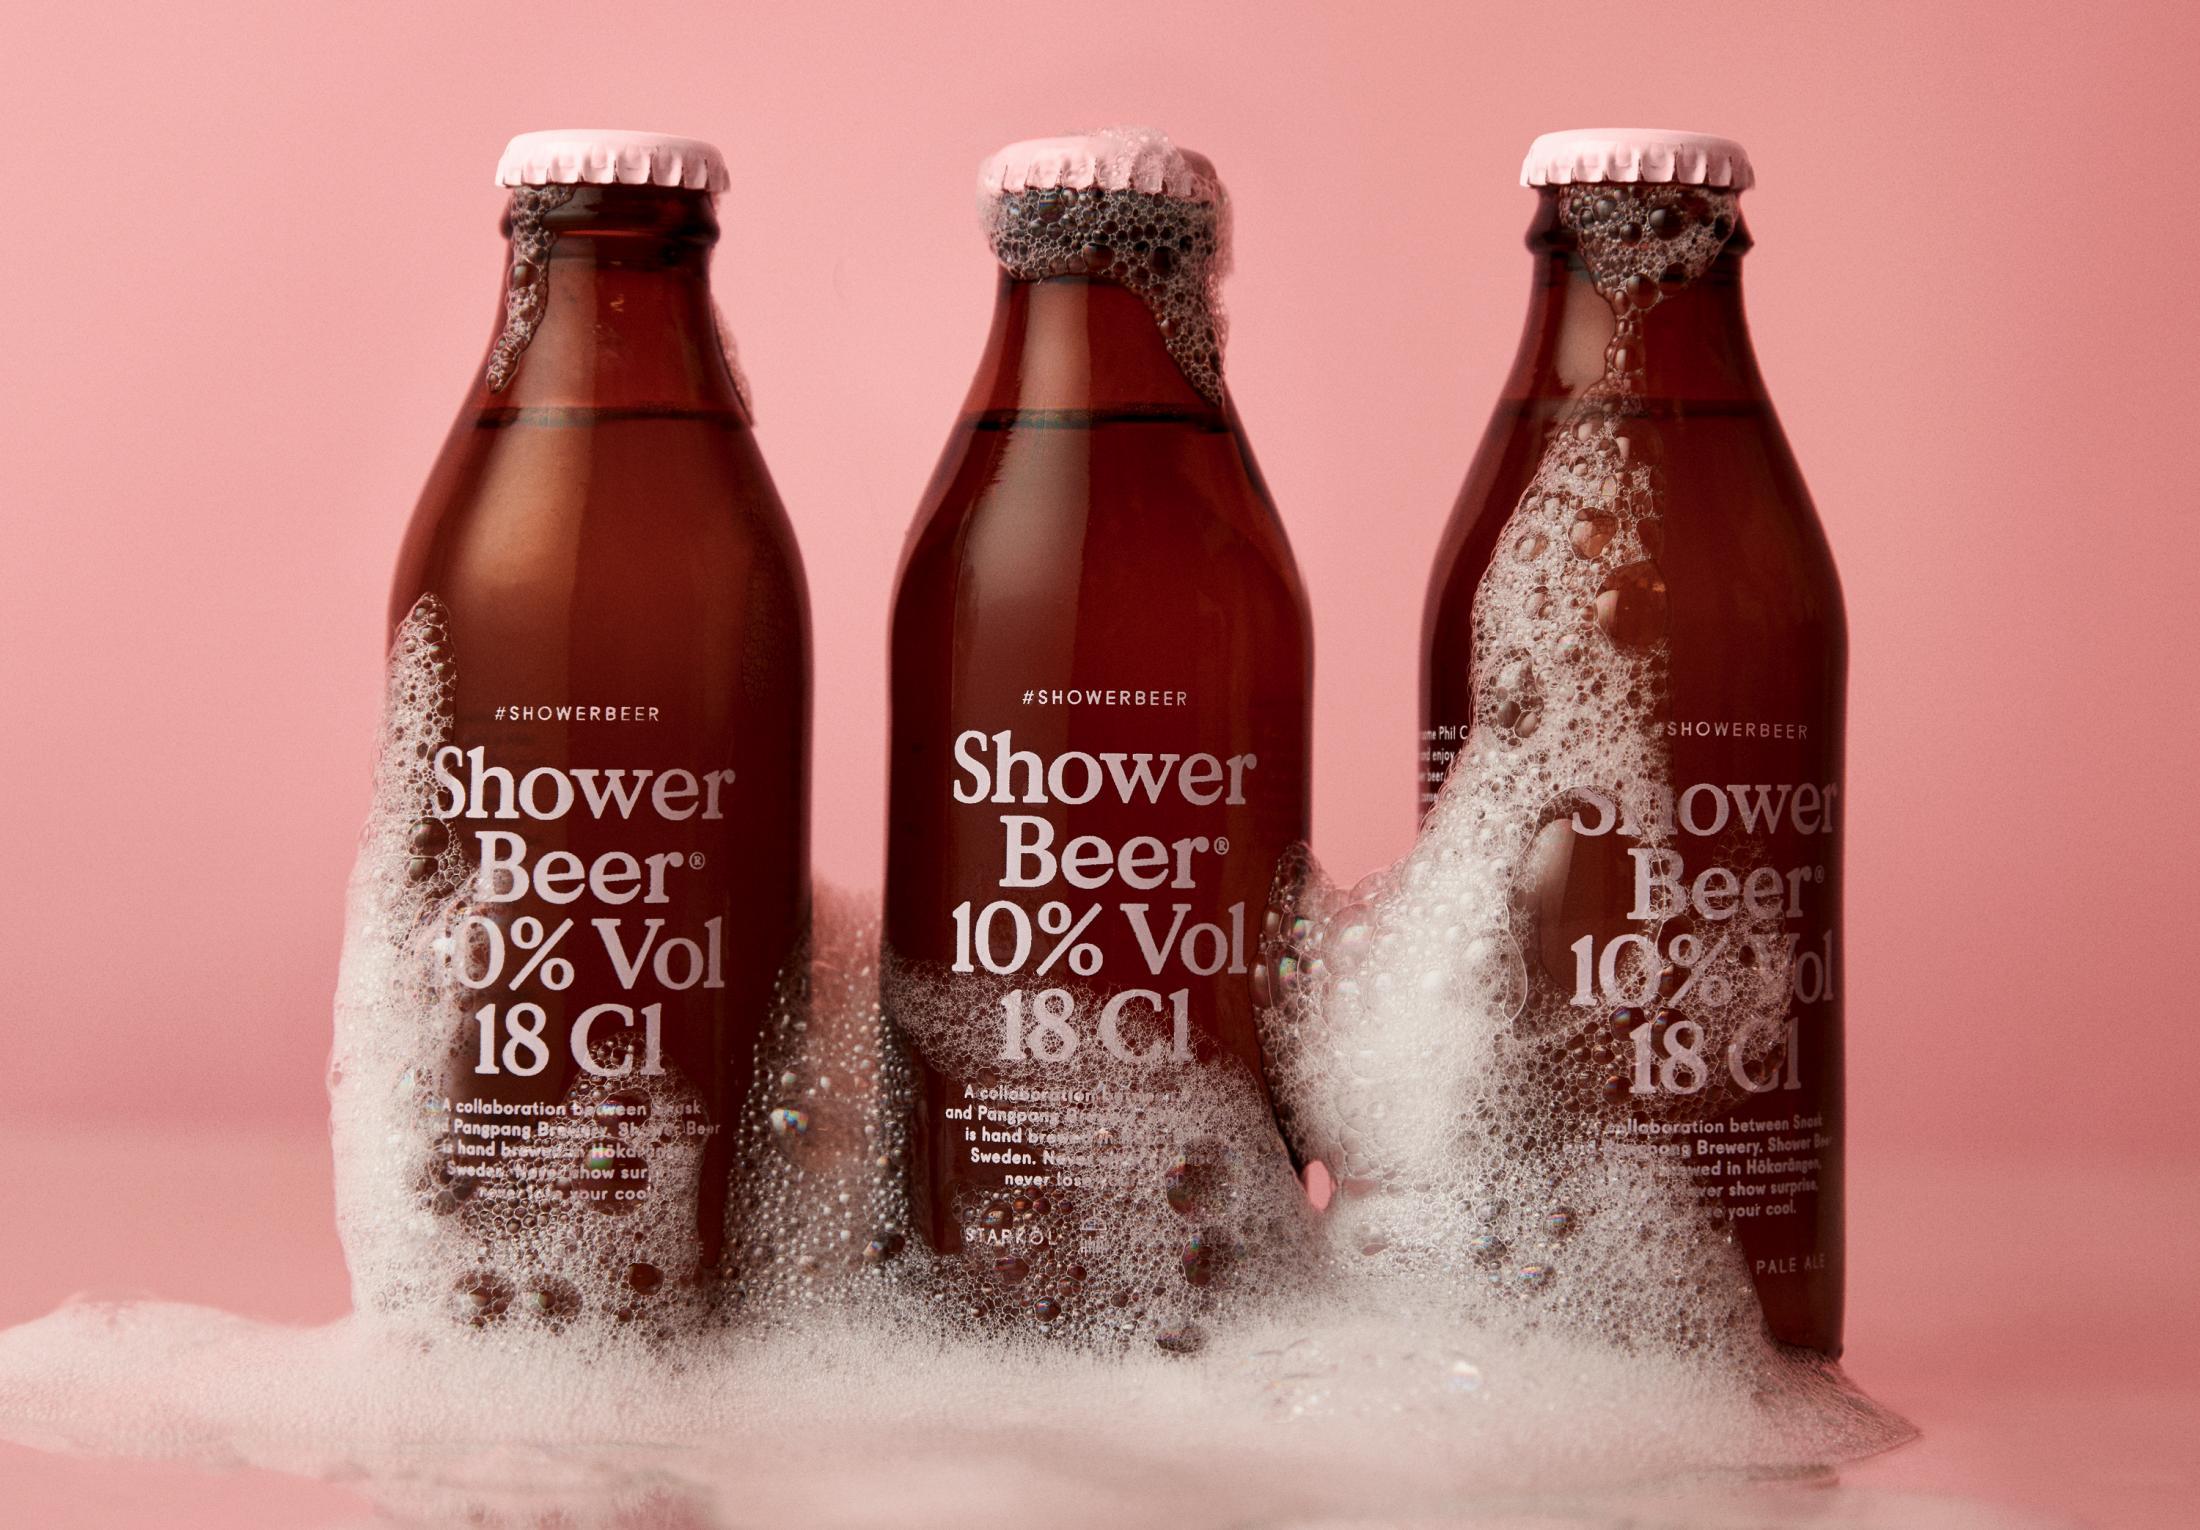 aotwshower-beer_04_bottles-foam.jpg